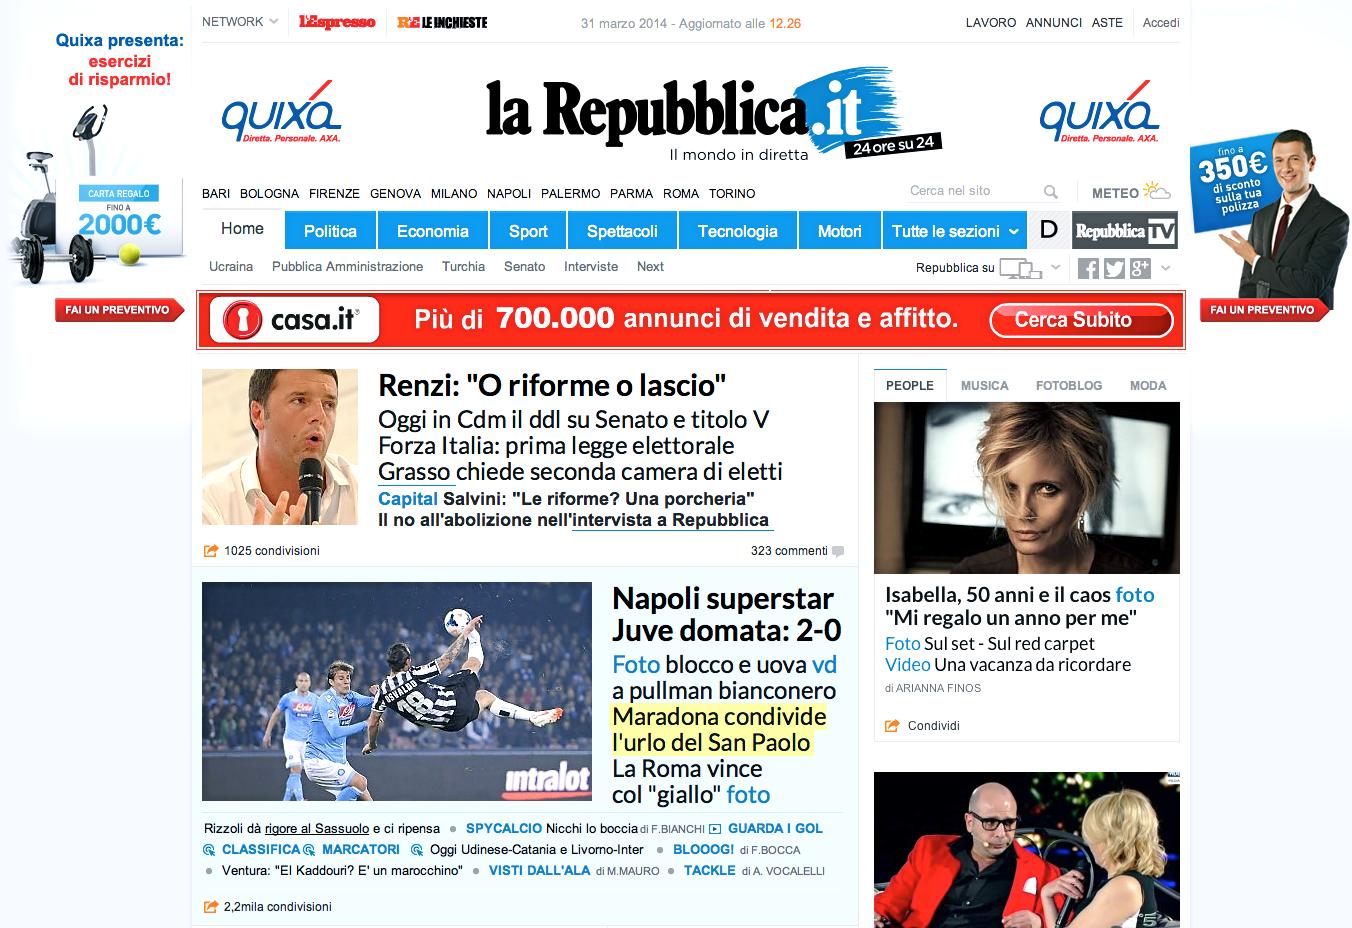 Isabella ferrari sulla homepage di repubblica it woolcan for Repubblica homepage it